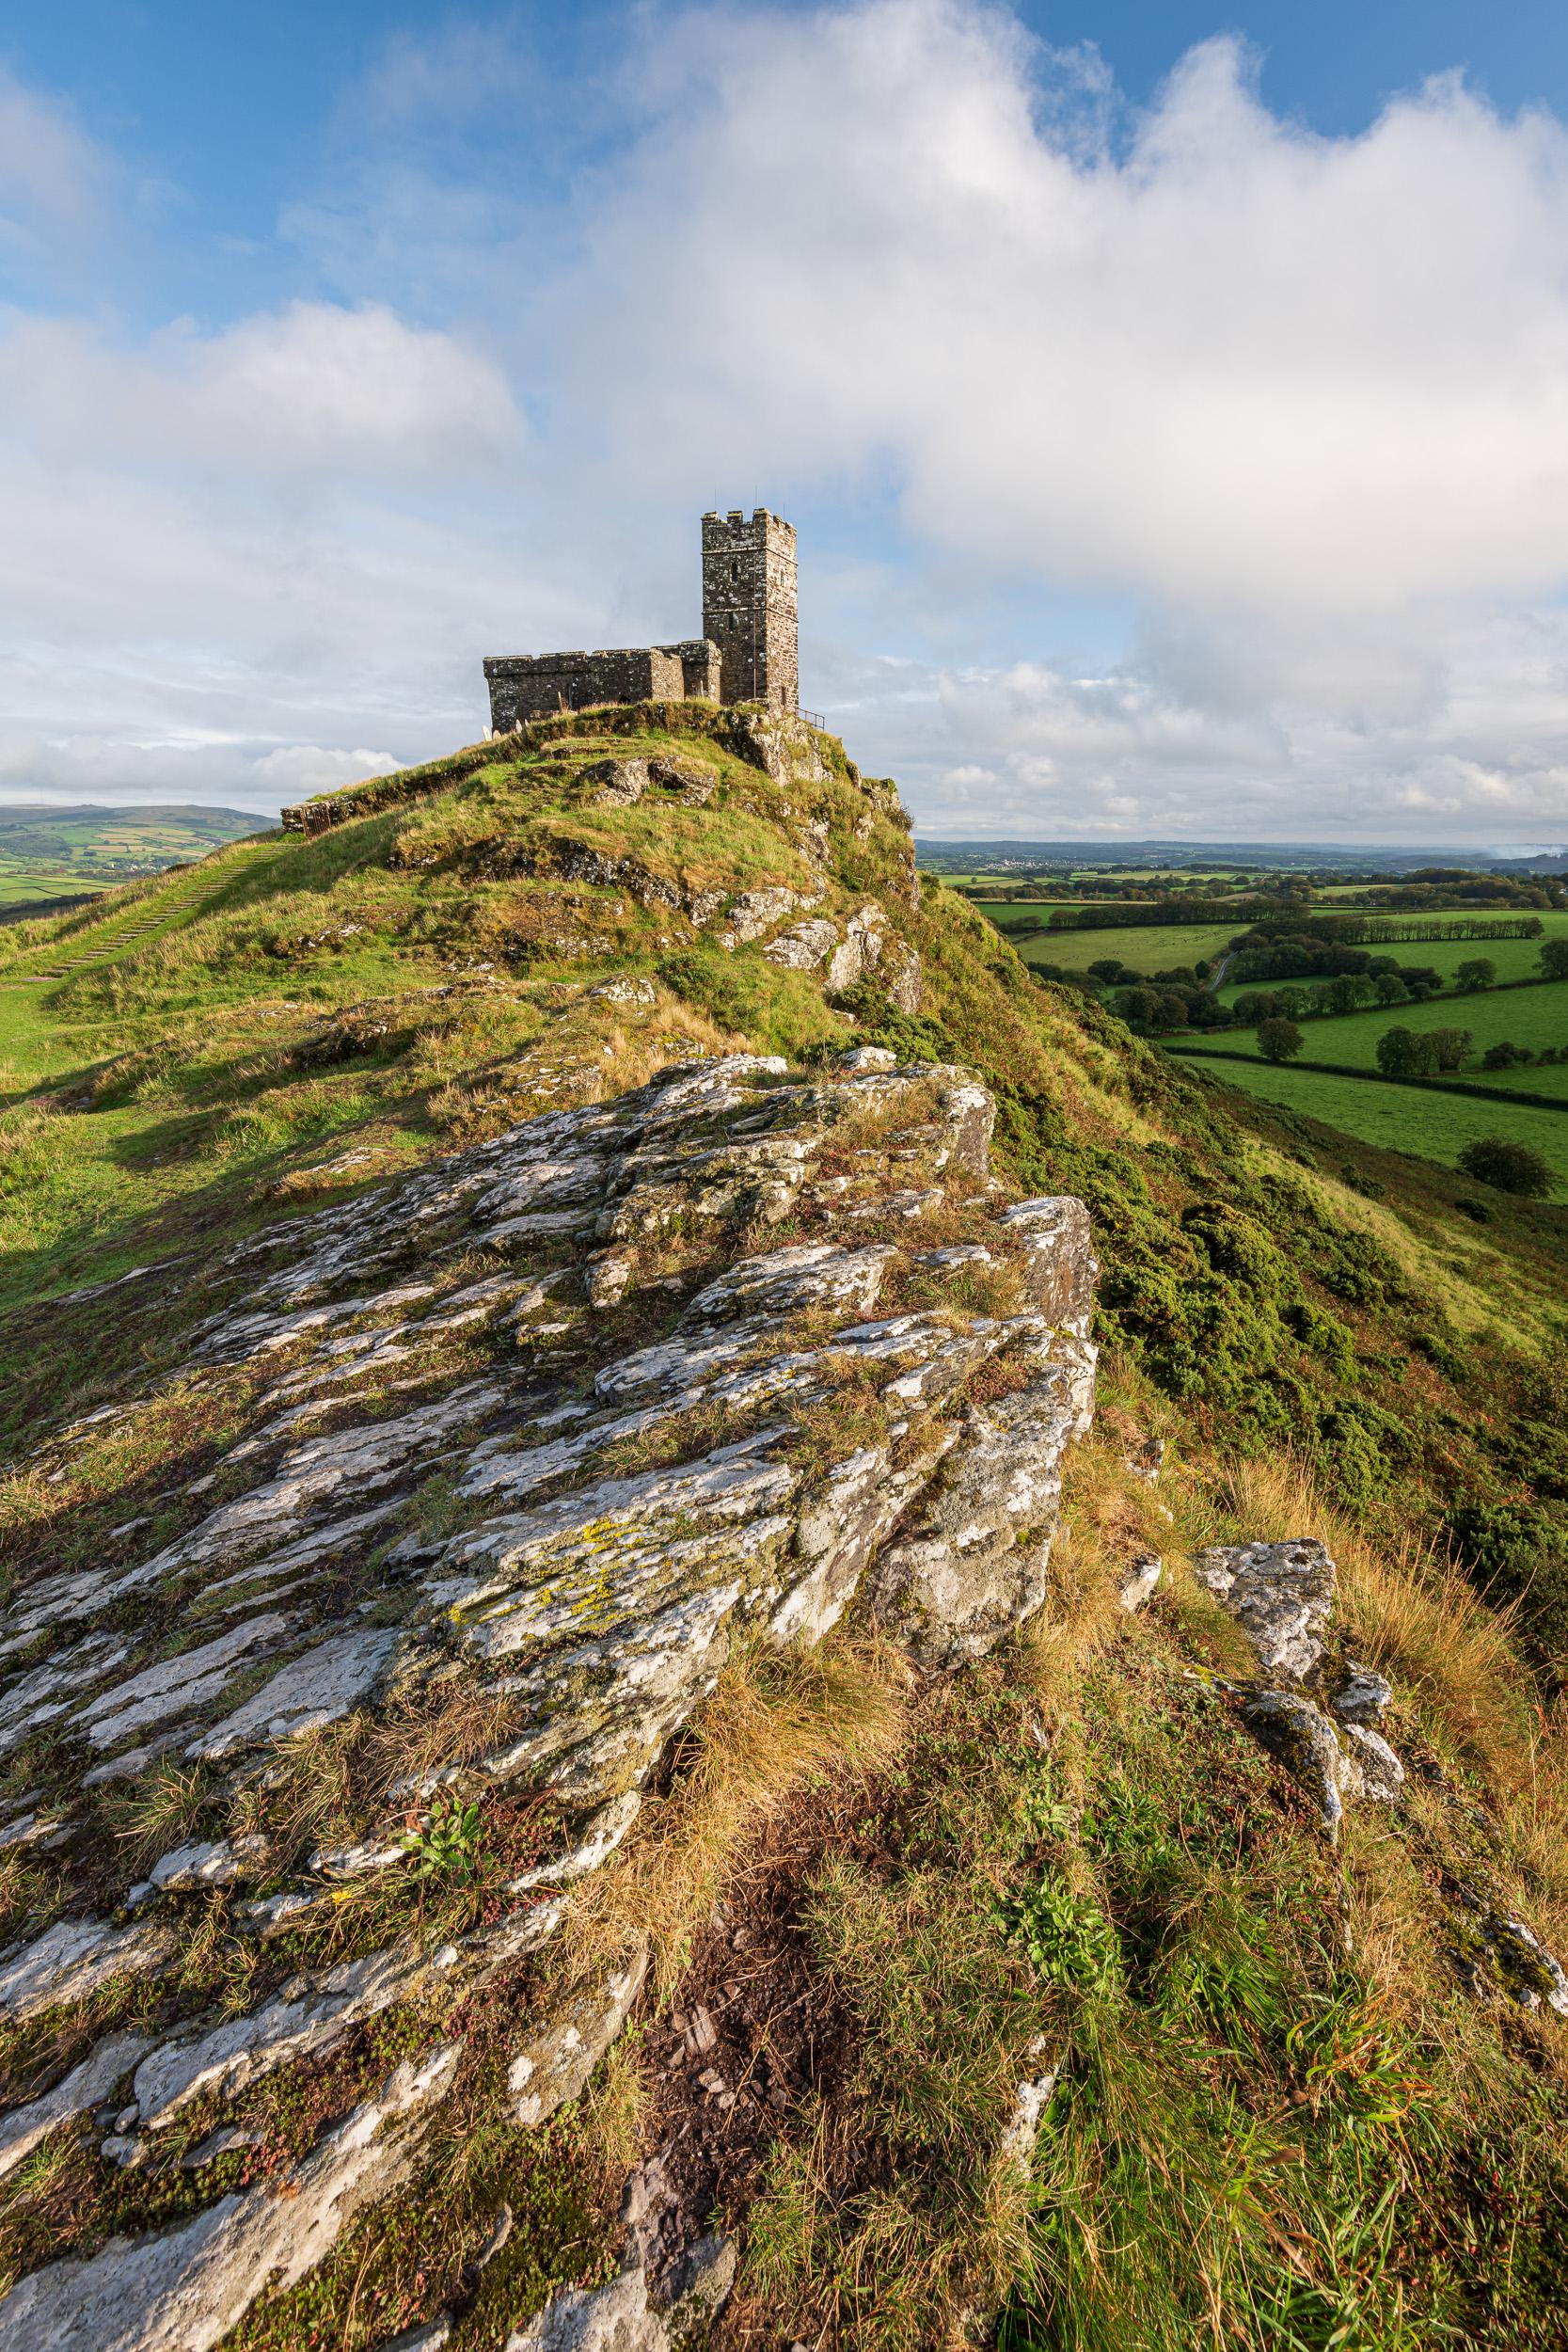 Brent Tor, Dartmoor, Devon  - Nikon D850, Nikkor 16-35 mm f/4 at 16 mm, f/14, 1/13th sec at ISO 64, Kase CPL.